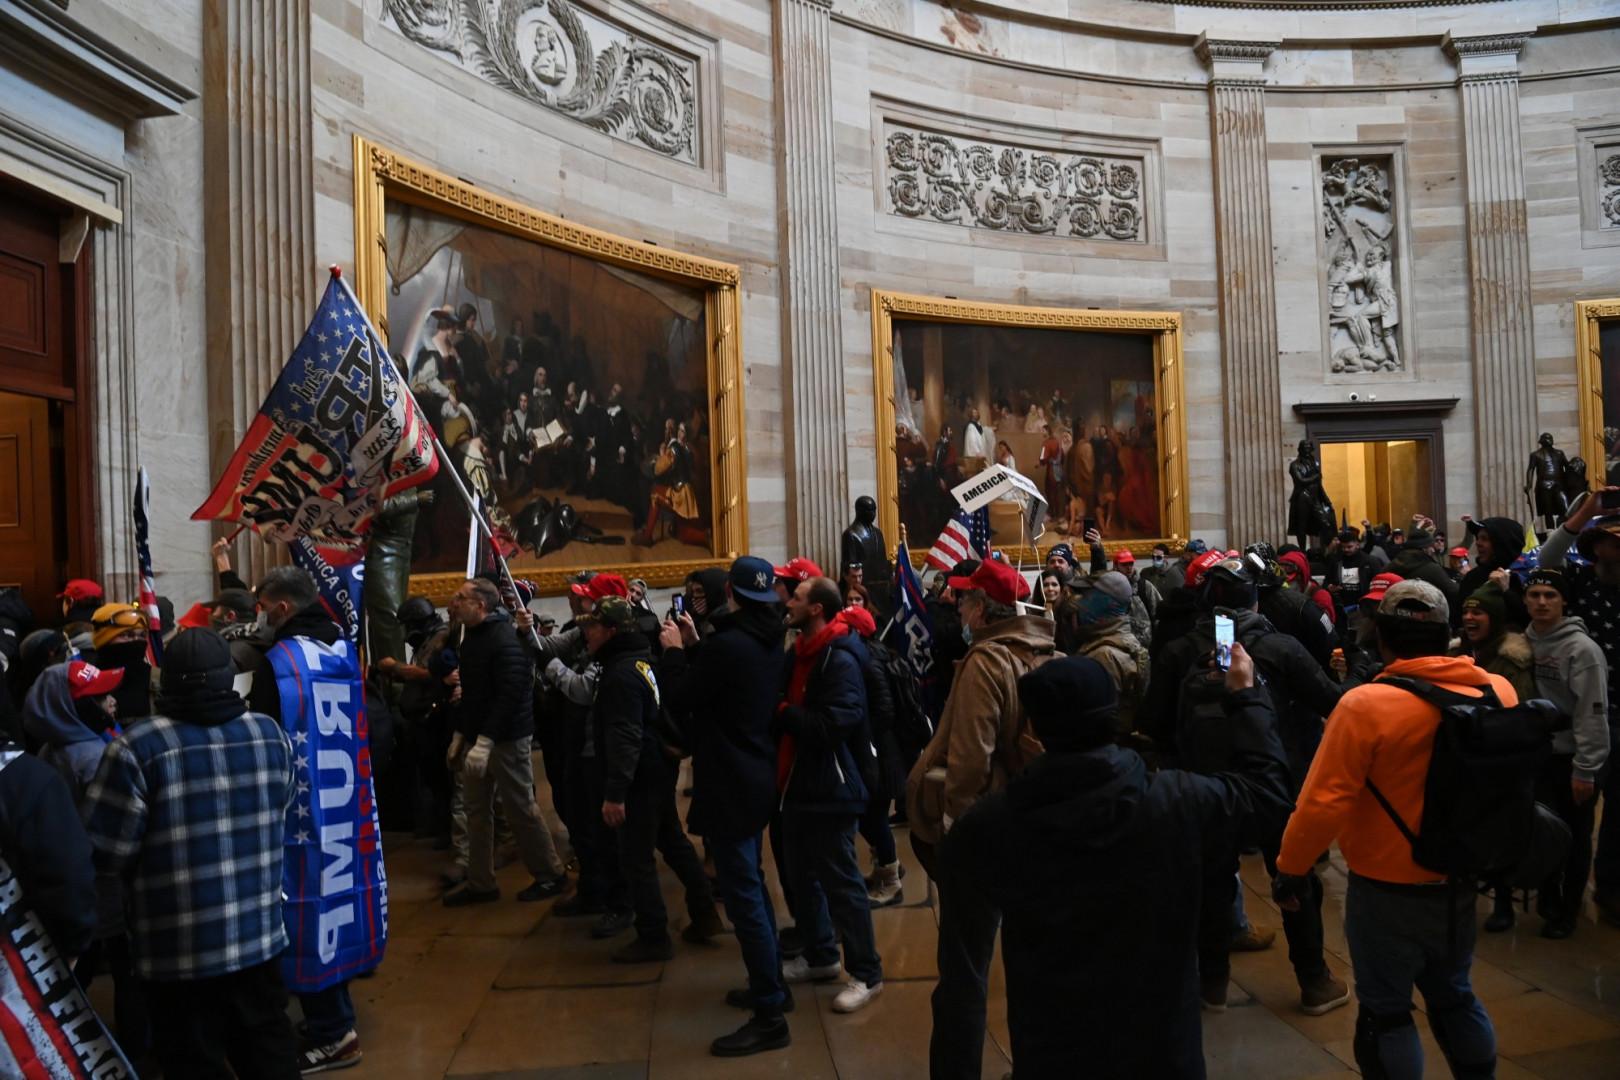 Un peu plus tard, les manifestants ont fait une intrusion dans le Capitole